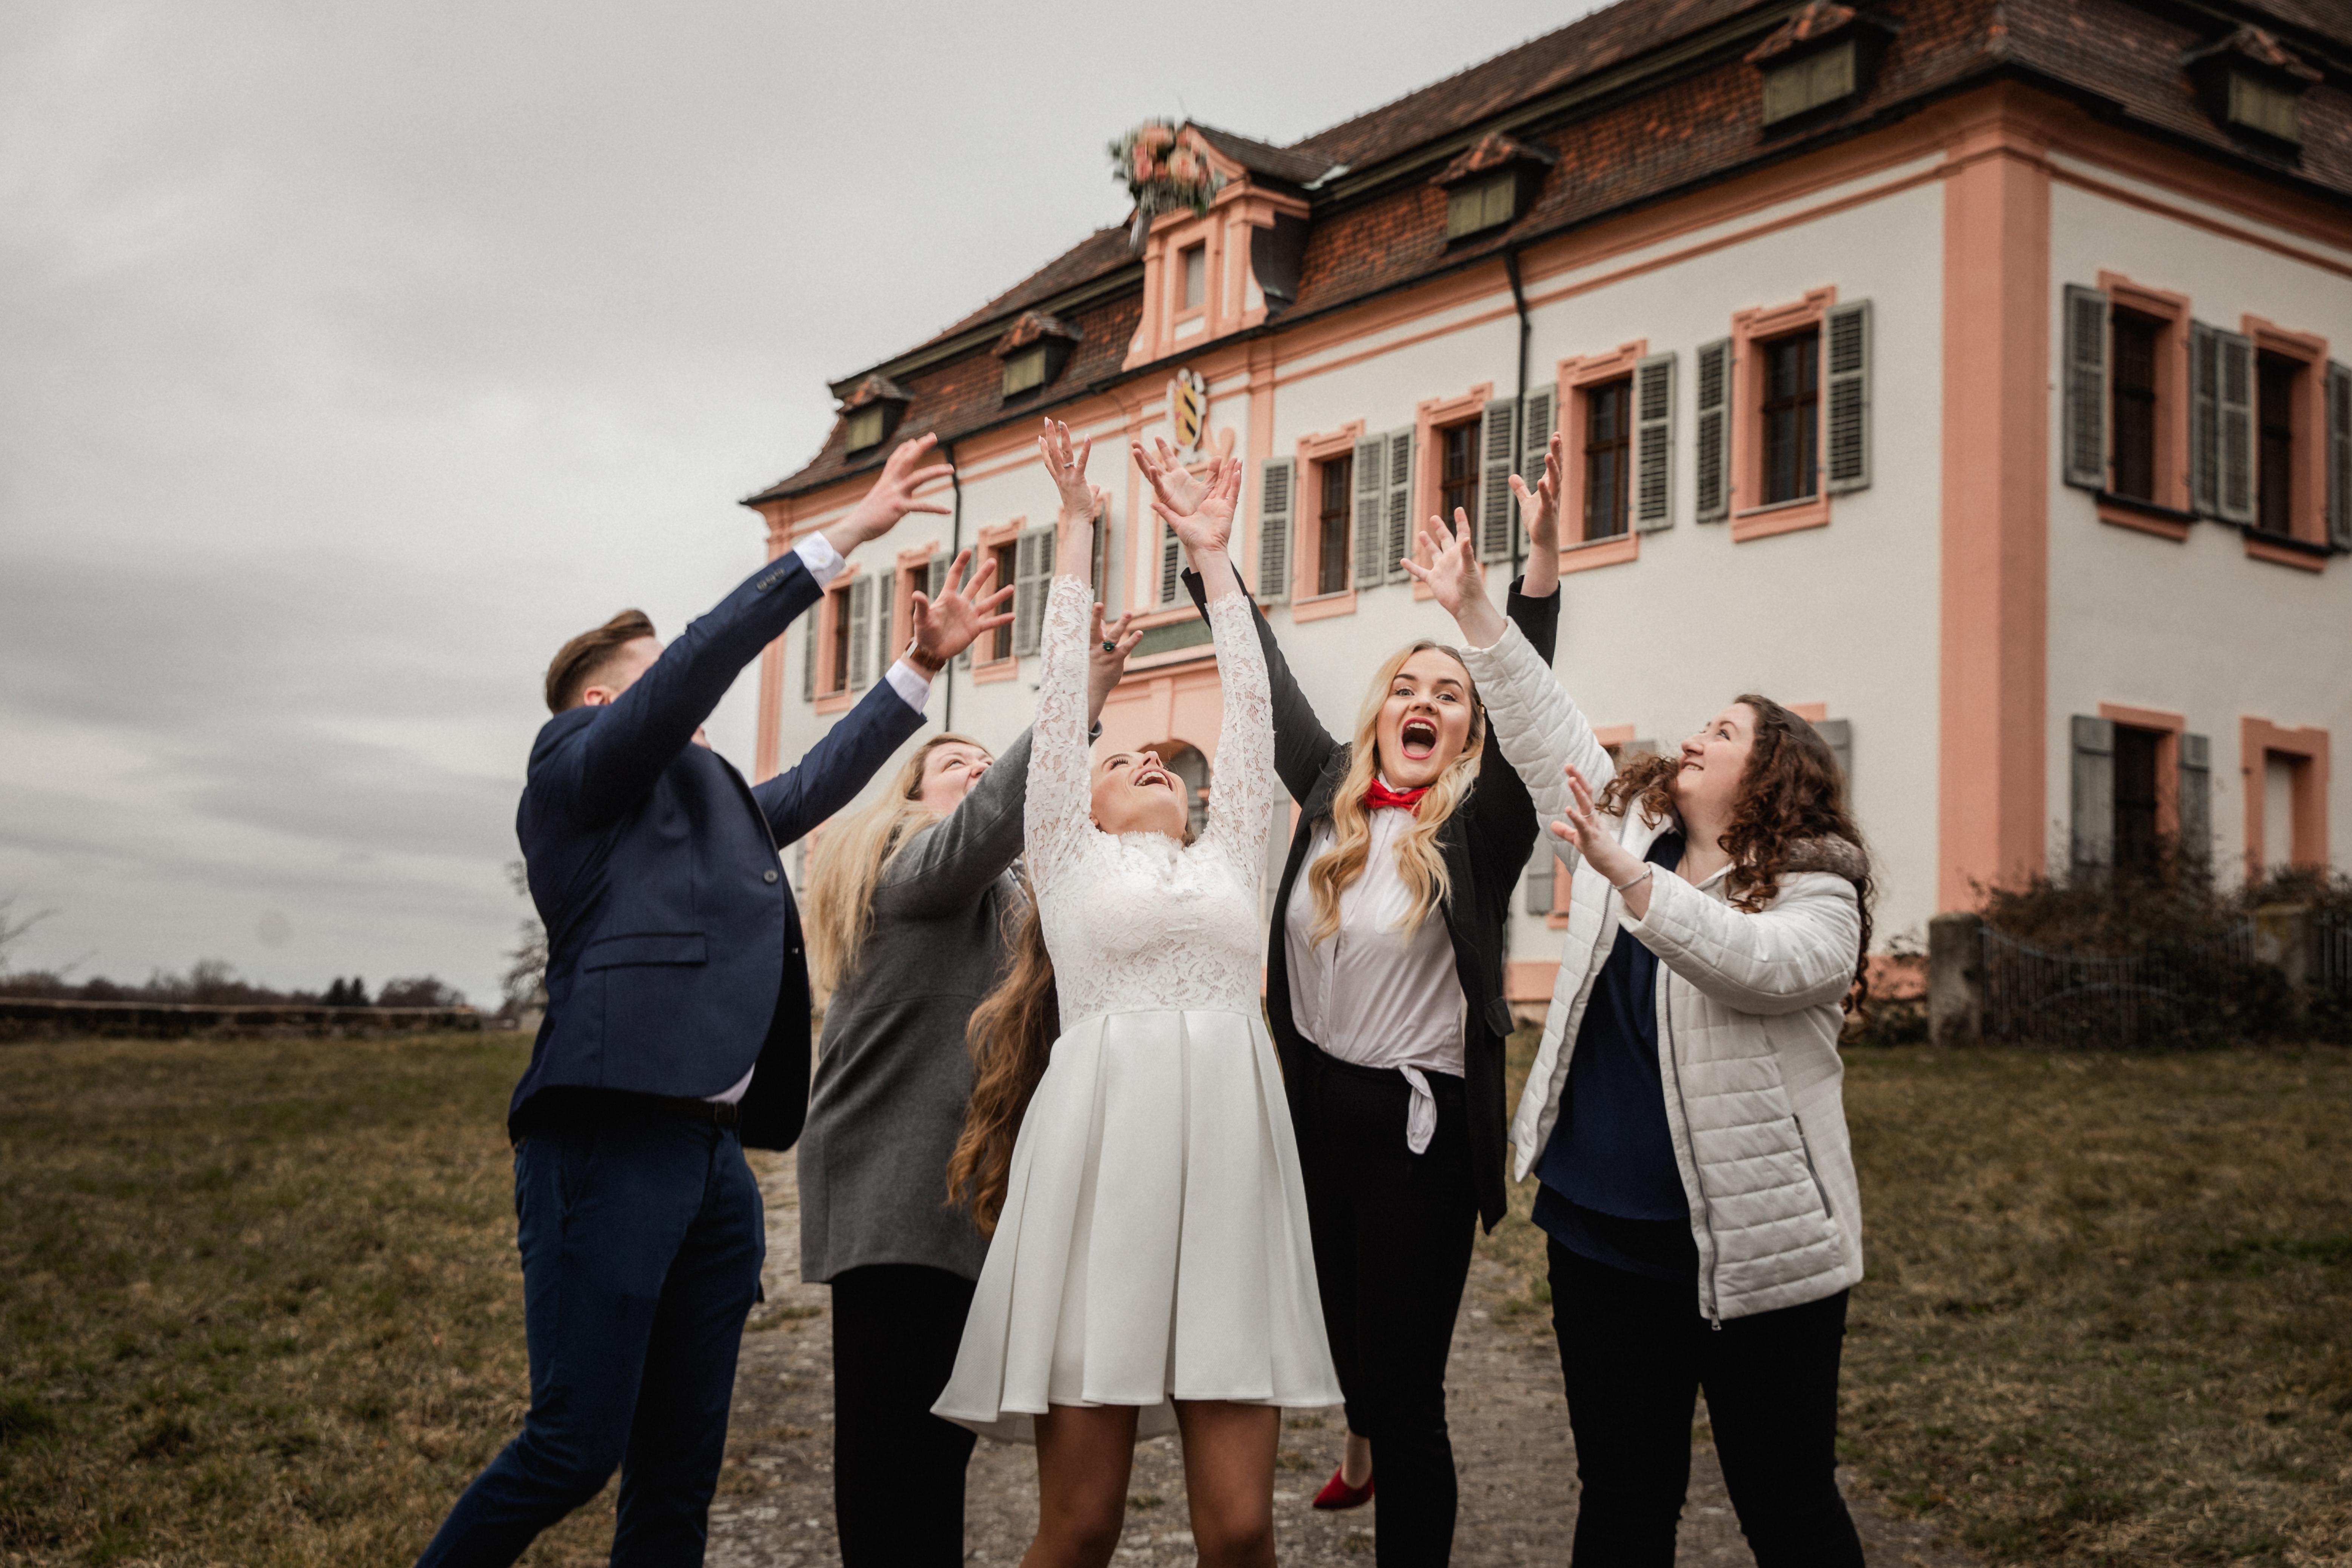 Hochzeitsfotograf-Grossgruendlach-Standesamt-Hallerschloss-Urbanerie-Stazija-und-Michael-082